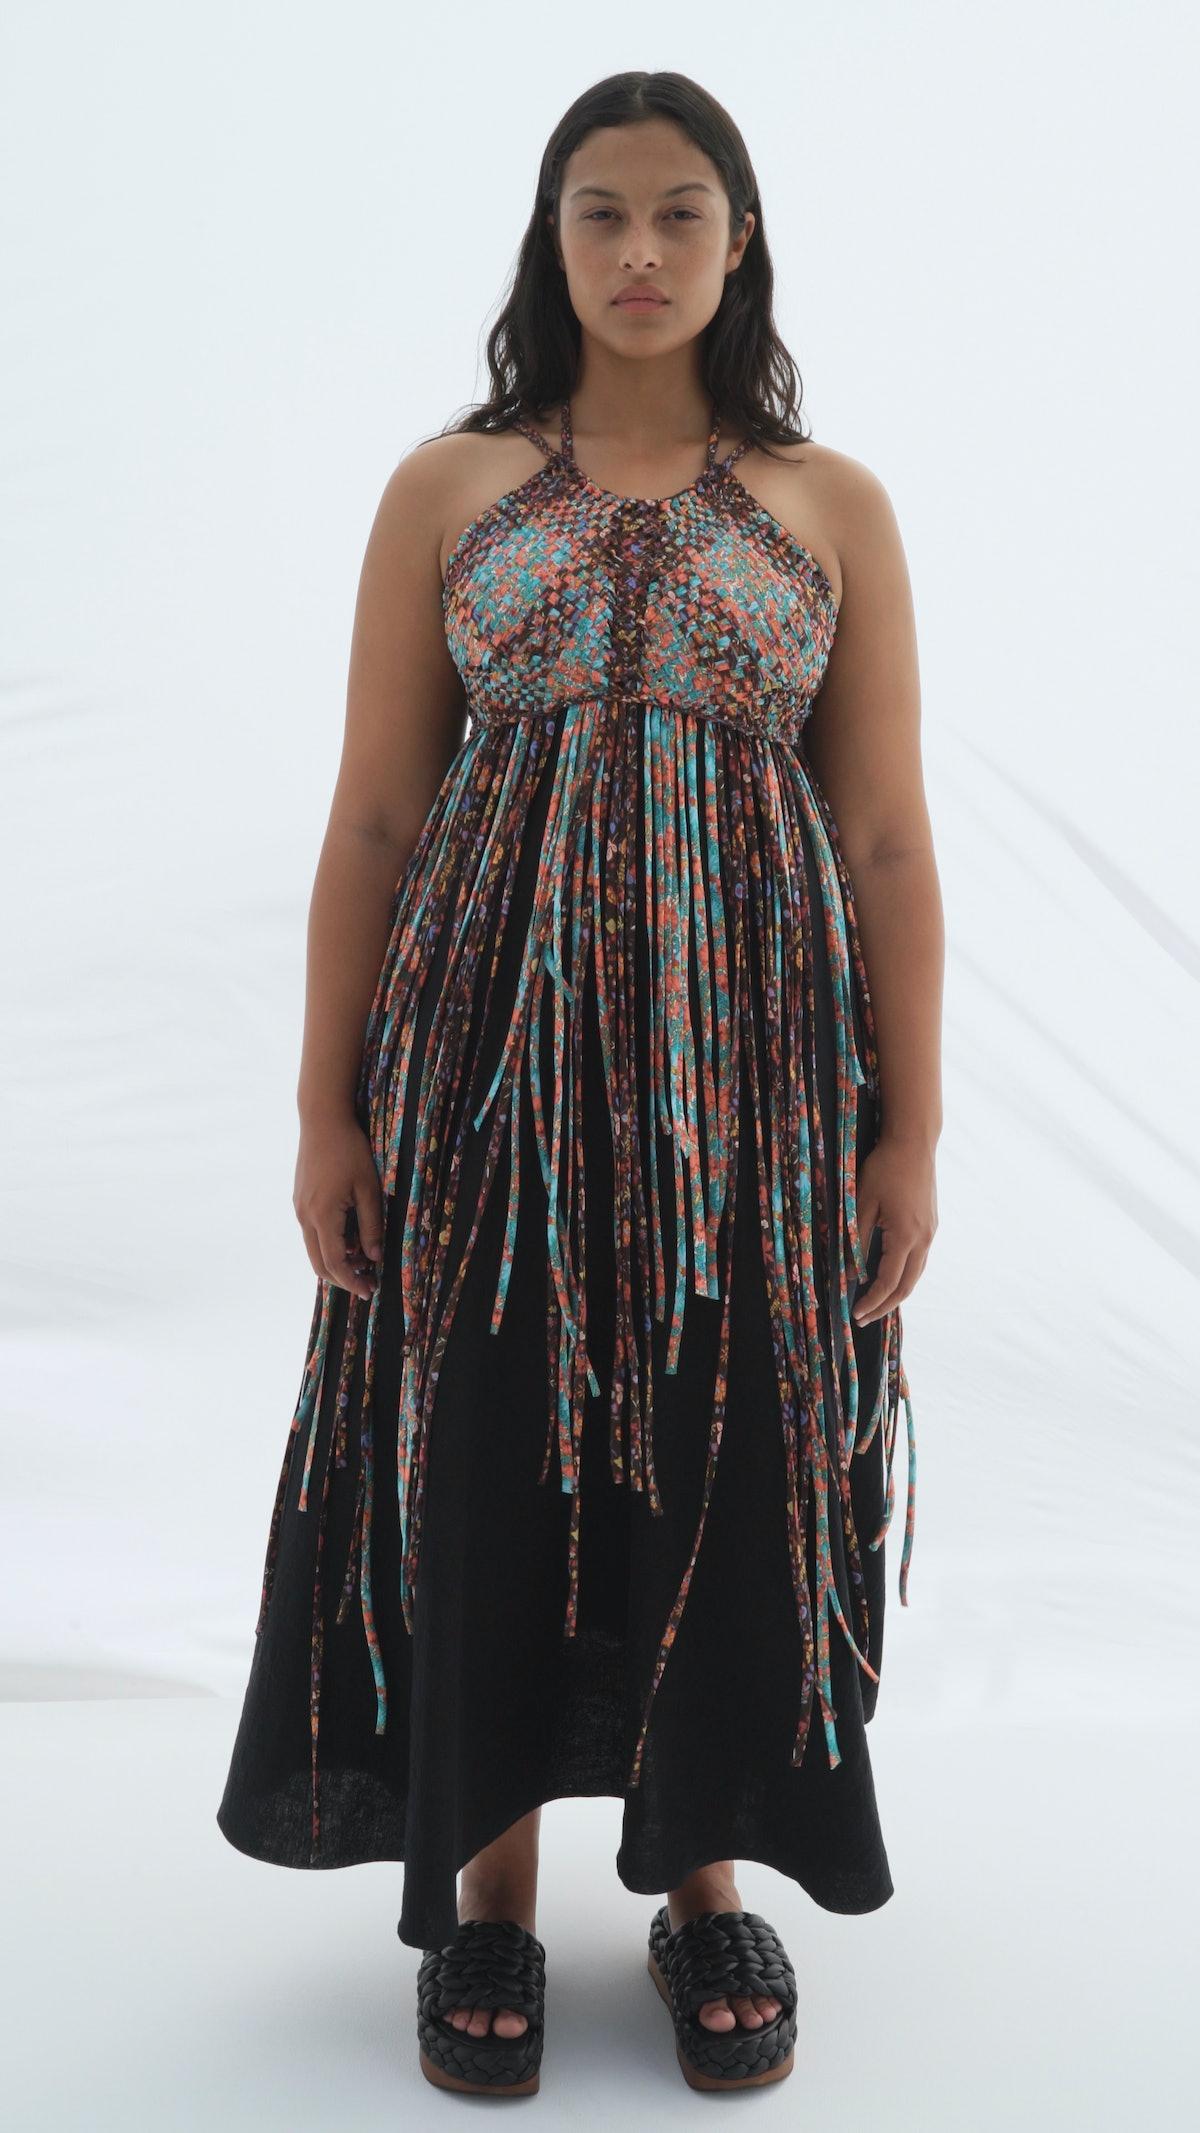 model in chloé dress